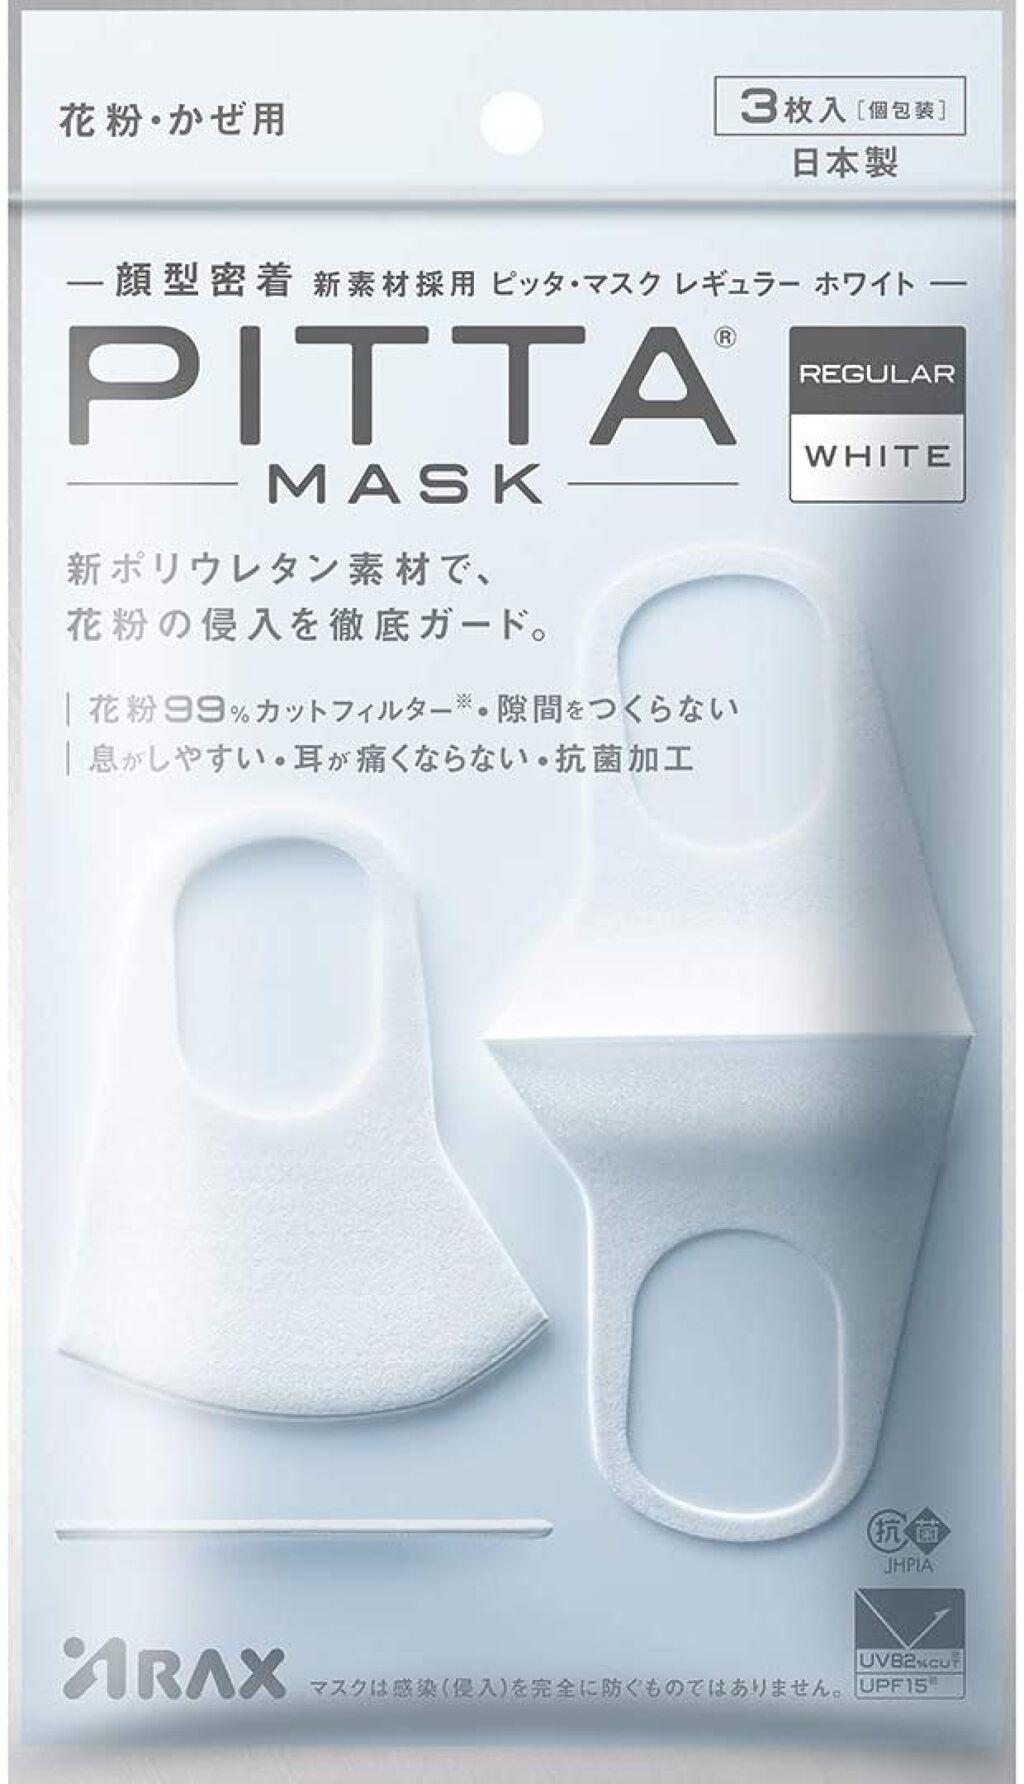 マスク 定価 ピッタ